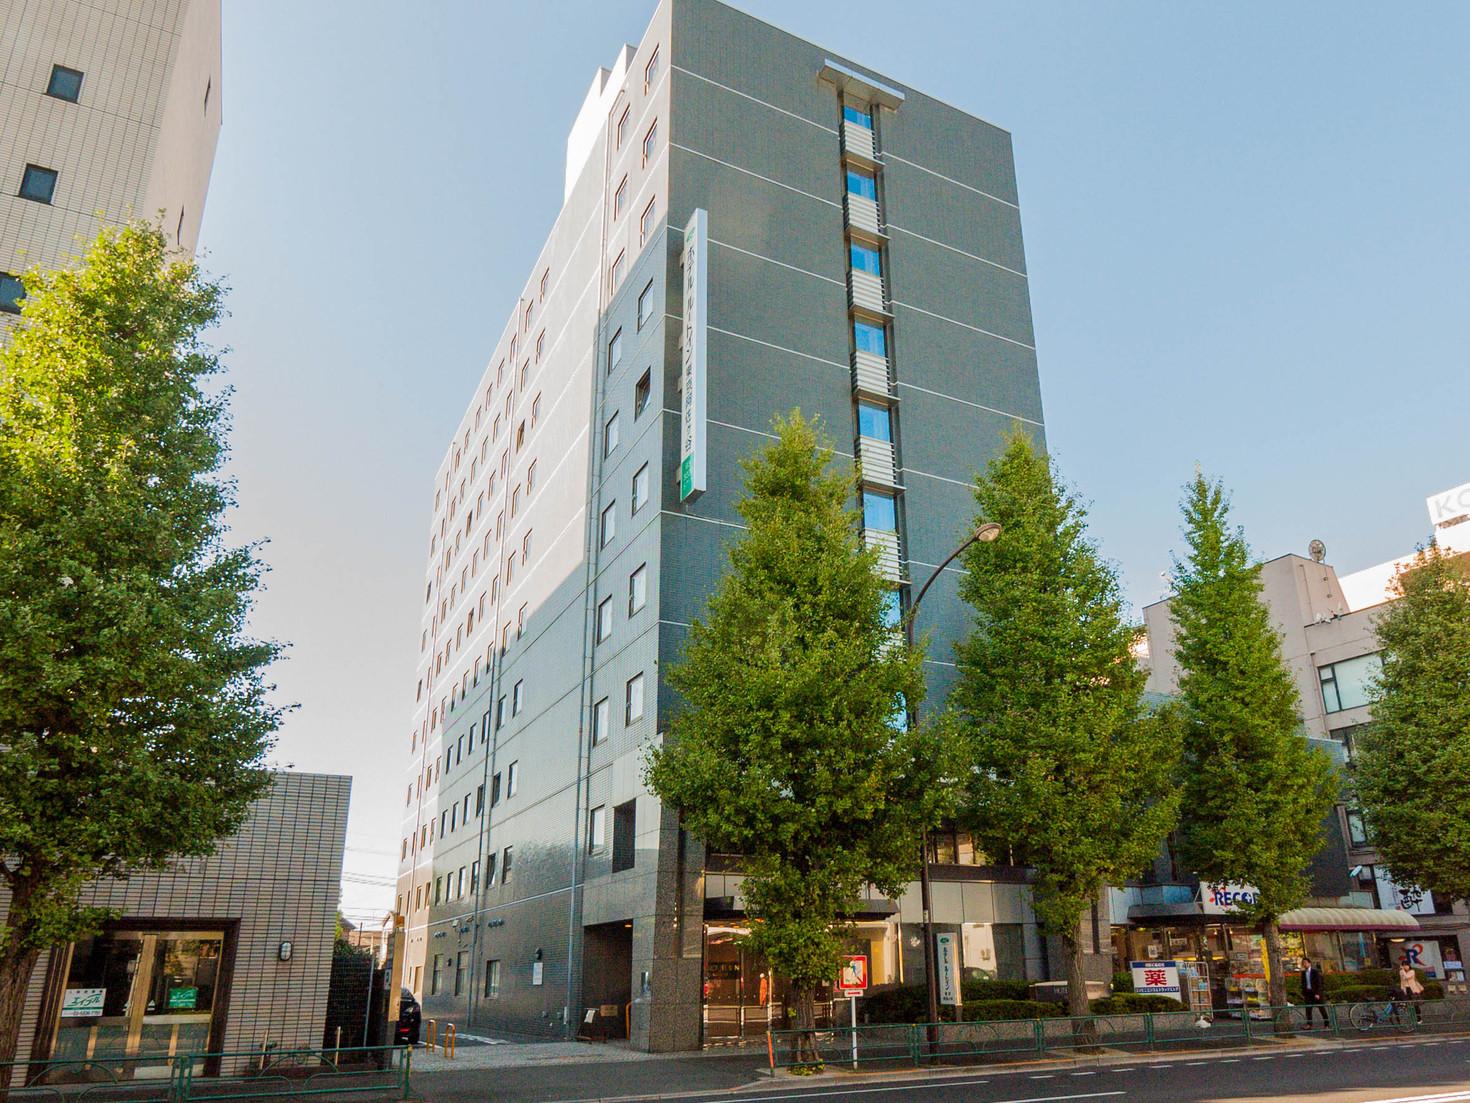 ホテルルートイン東京阿佐ヶ谷 image